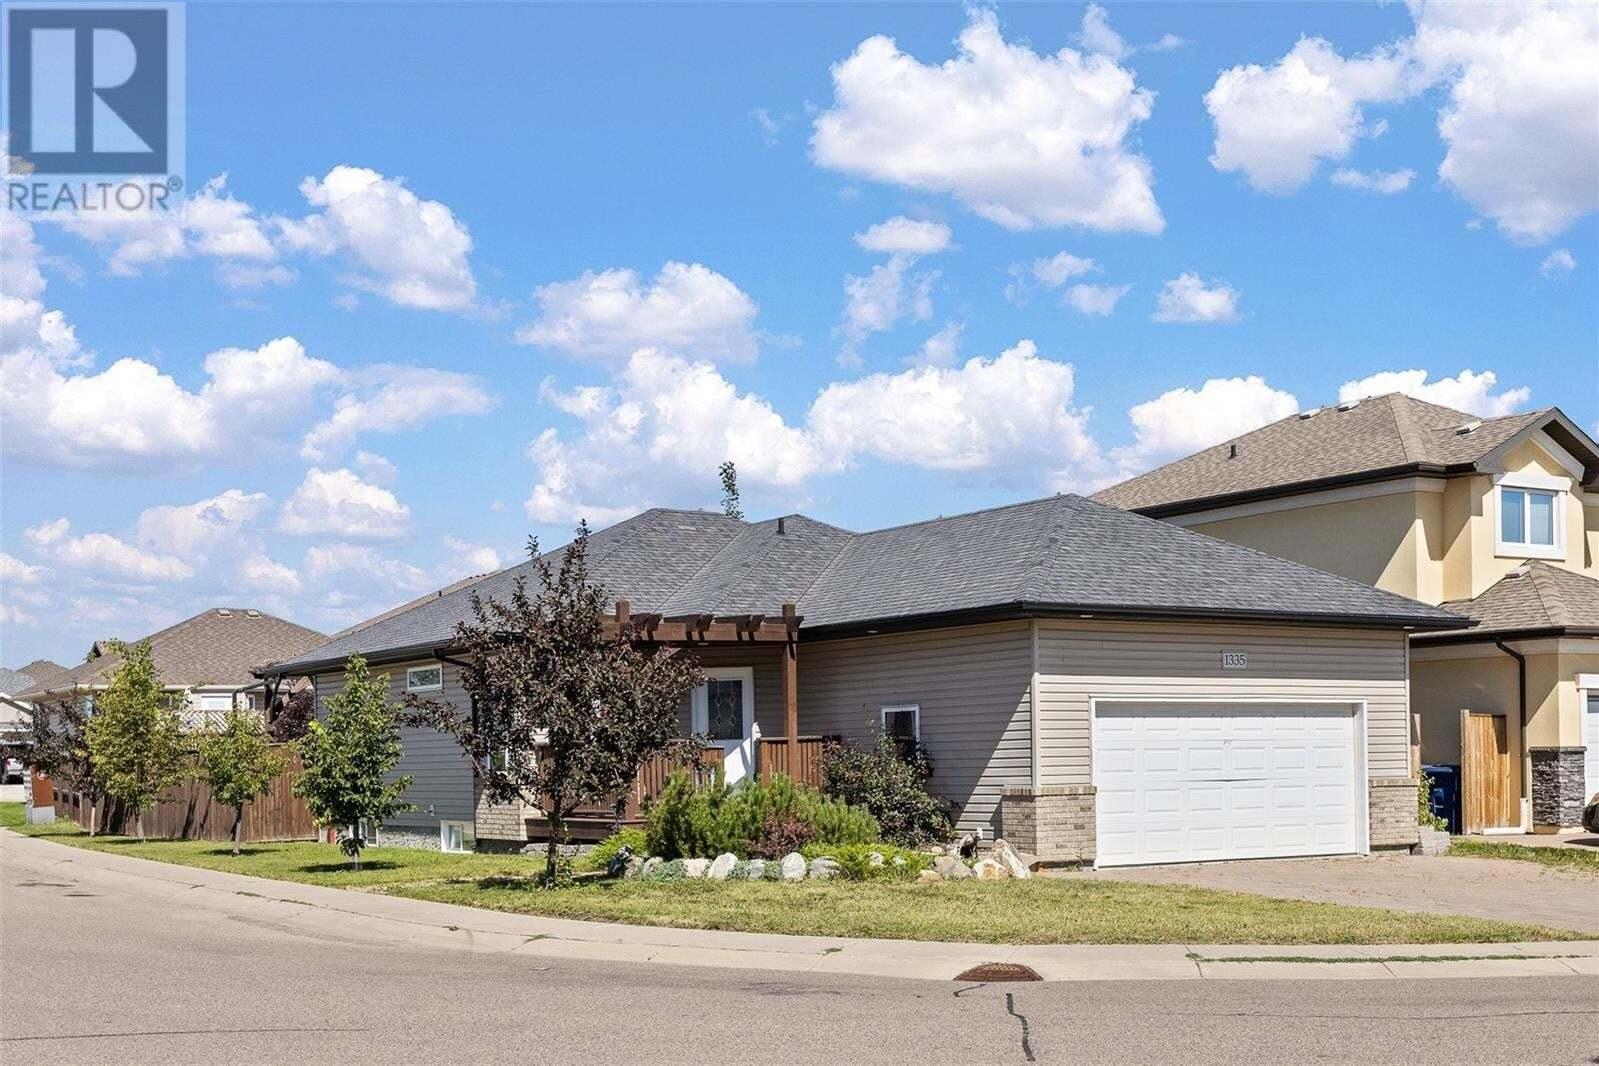 House for sale at 1335 Denham Cres Saskatoon Saskatchewan - MLS: SK819672